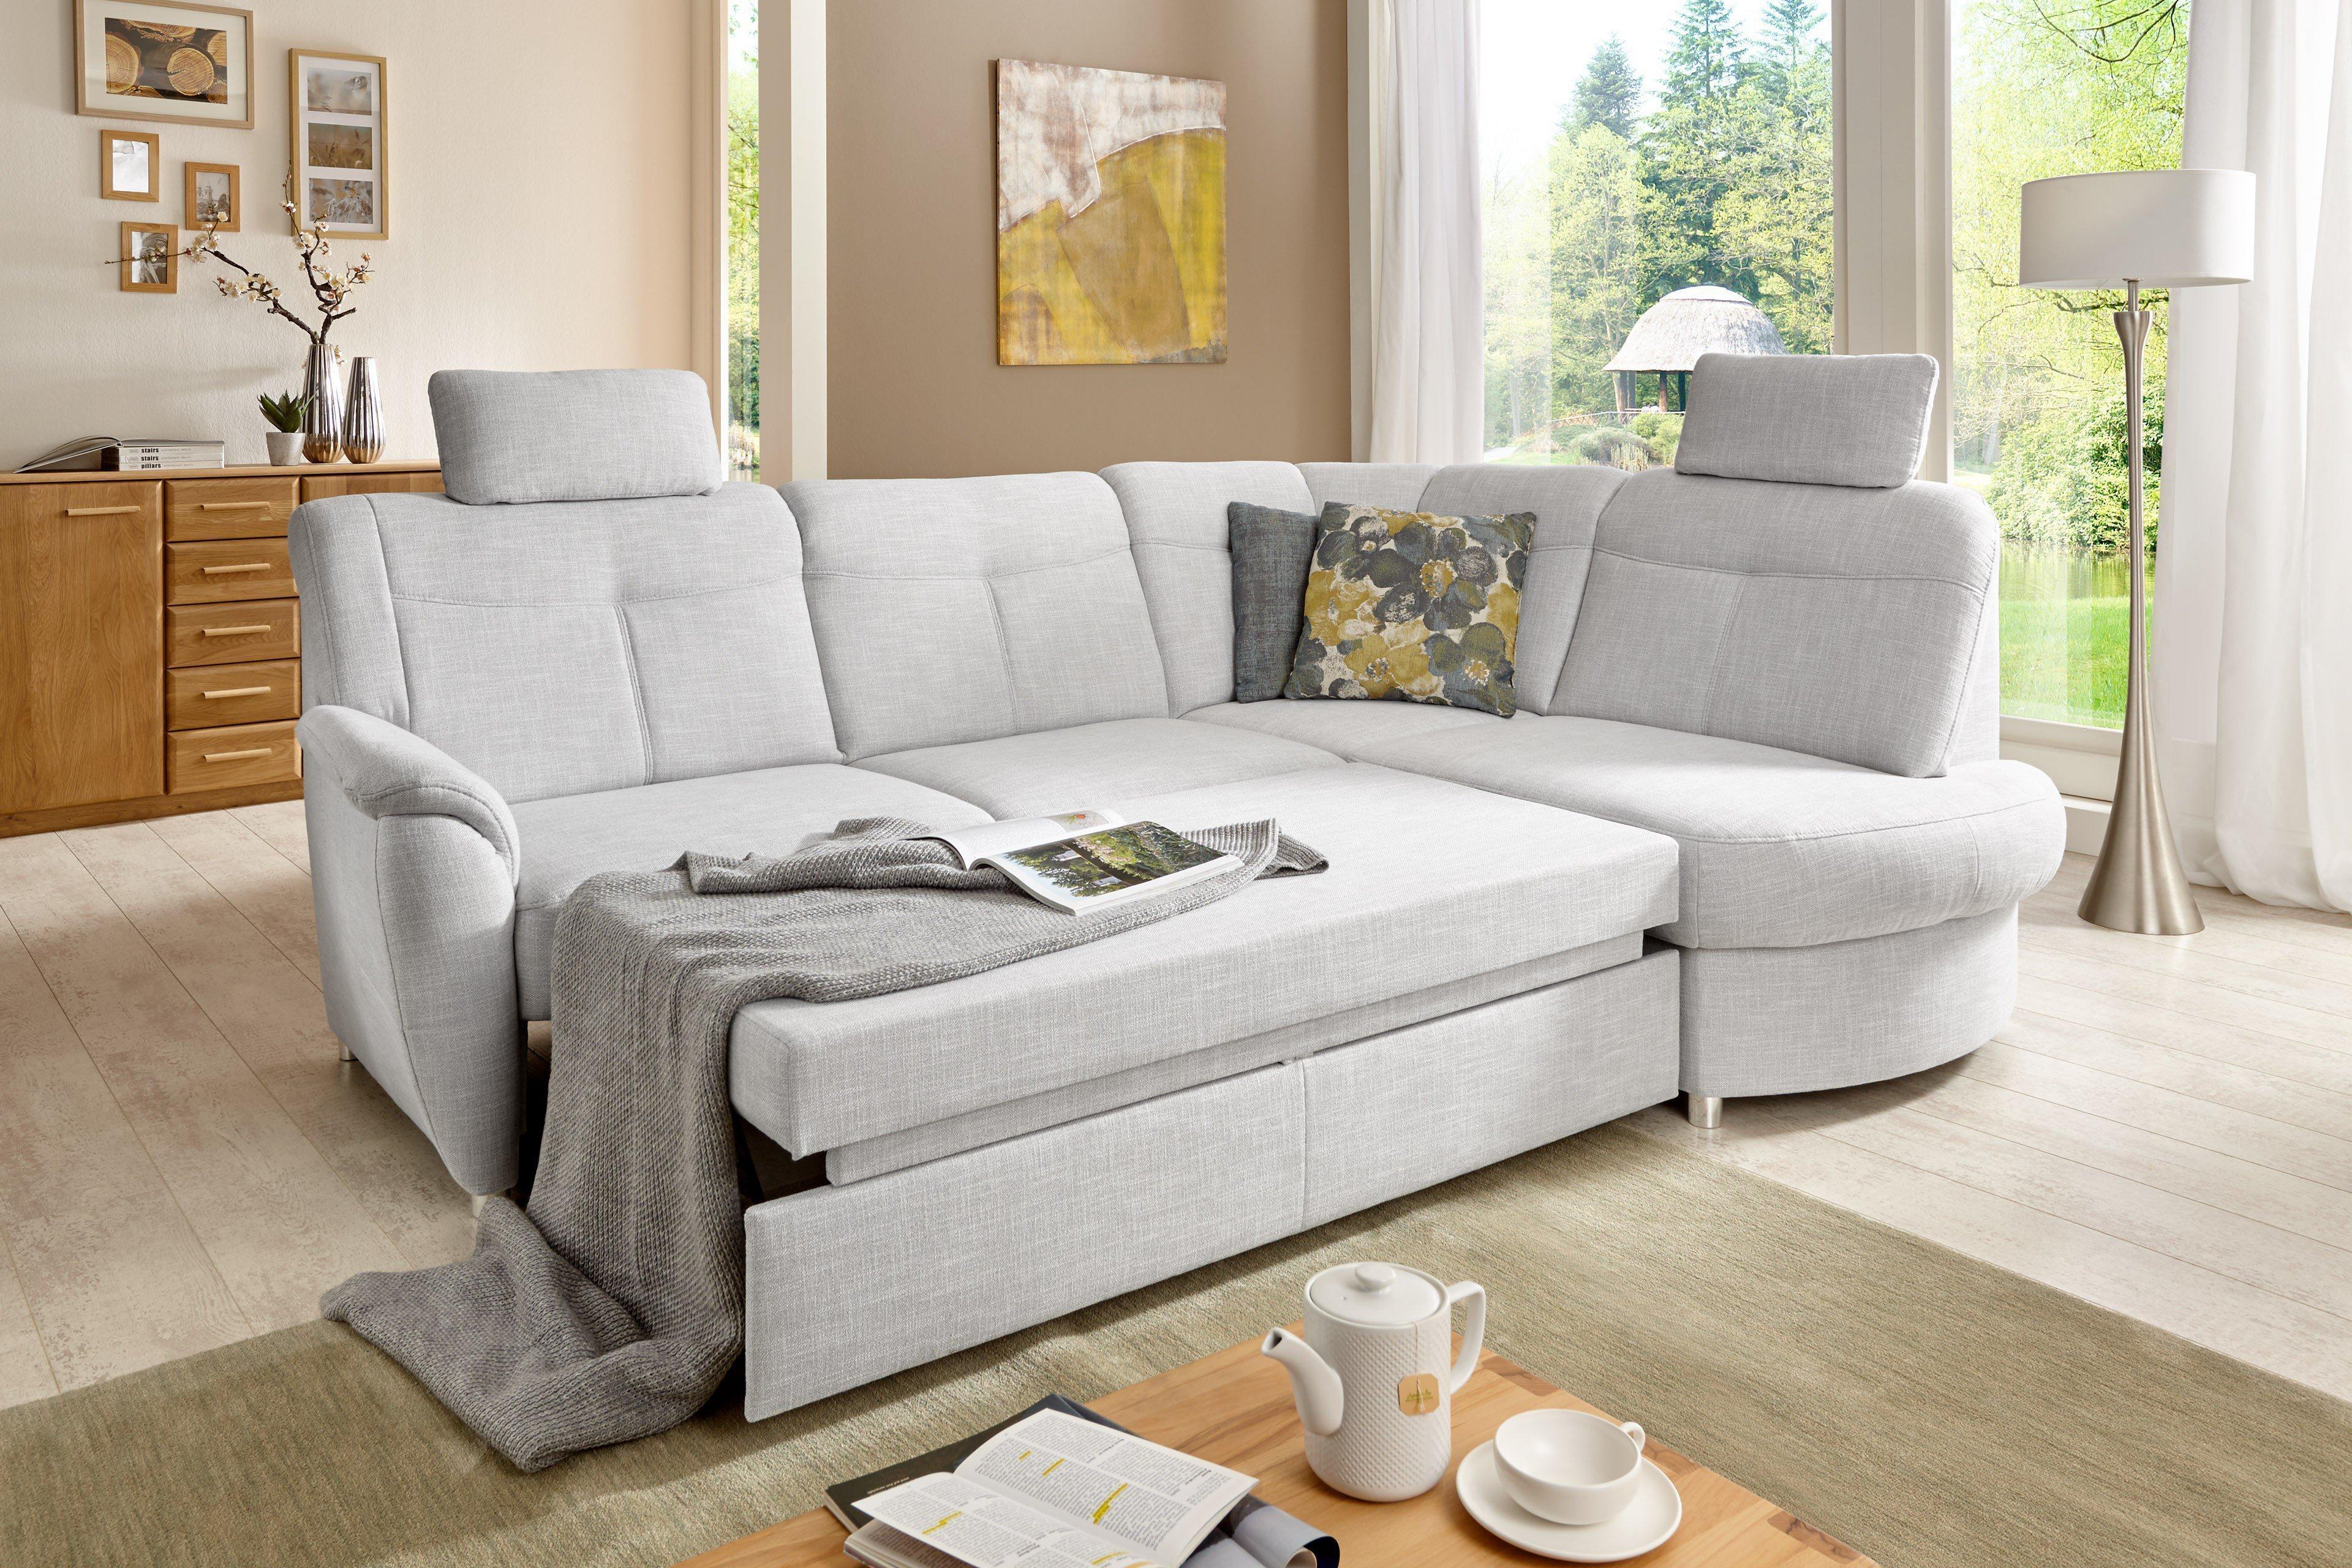 Sit & More Sonoma Ecksofa hellgrau | Möbel Letz - Ihr Online-Shop